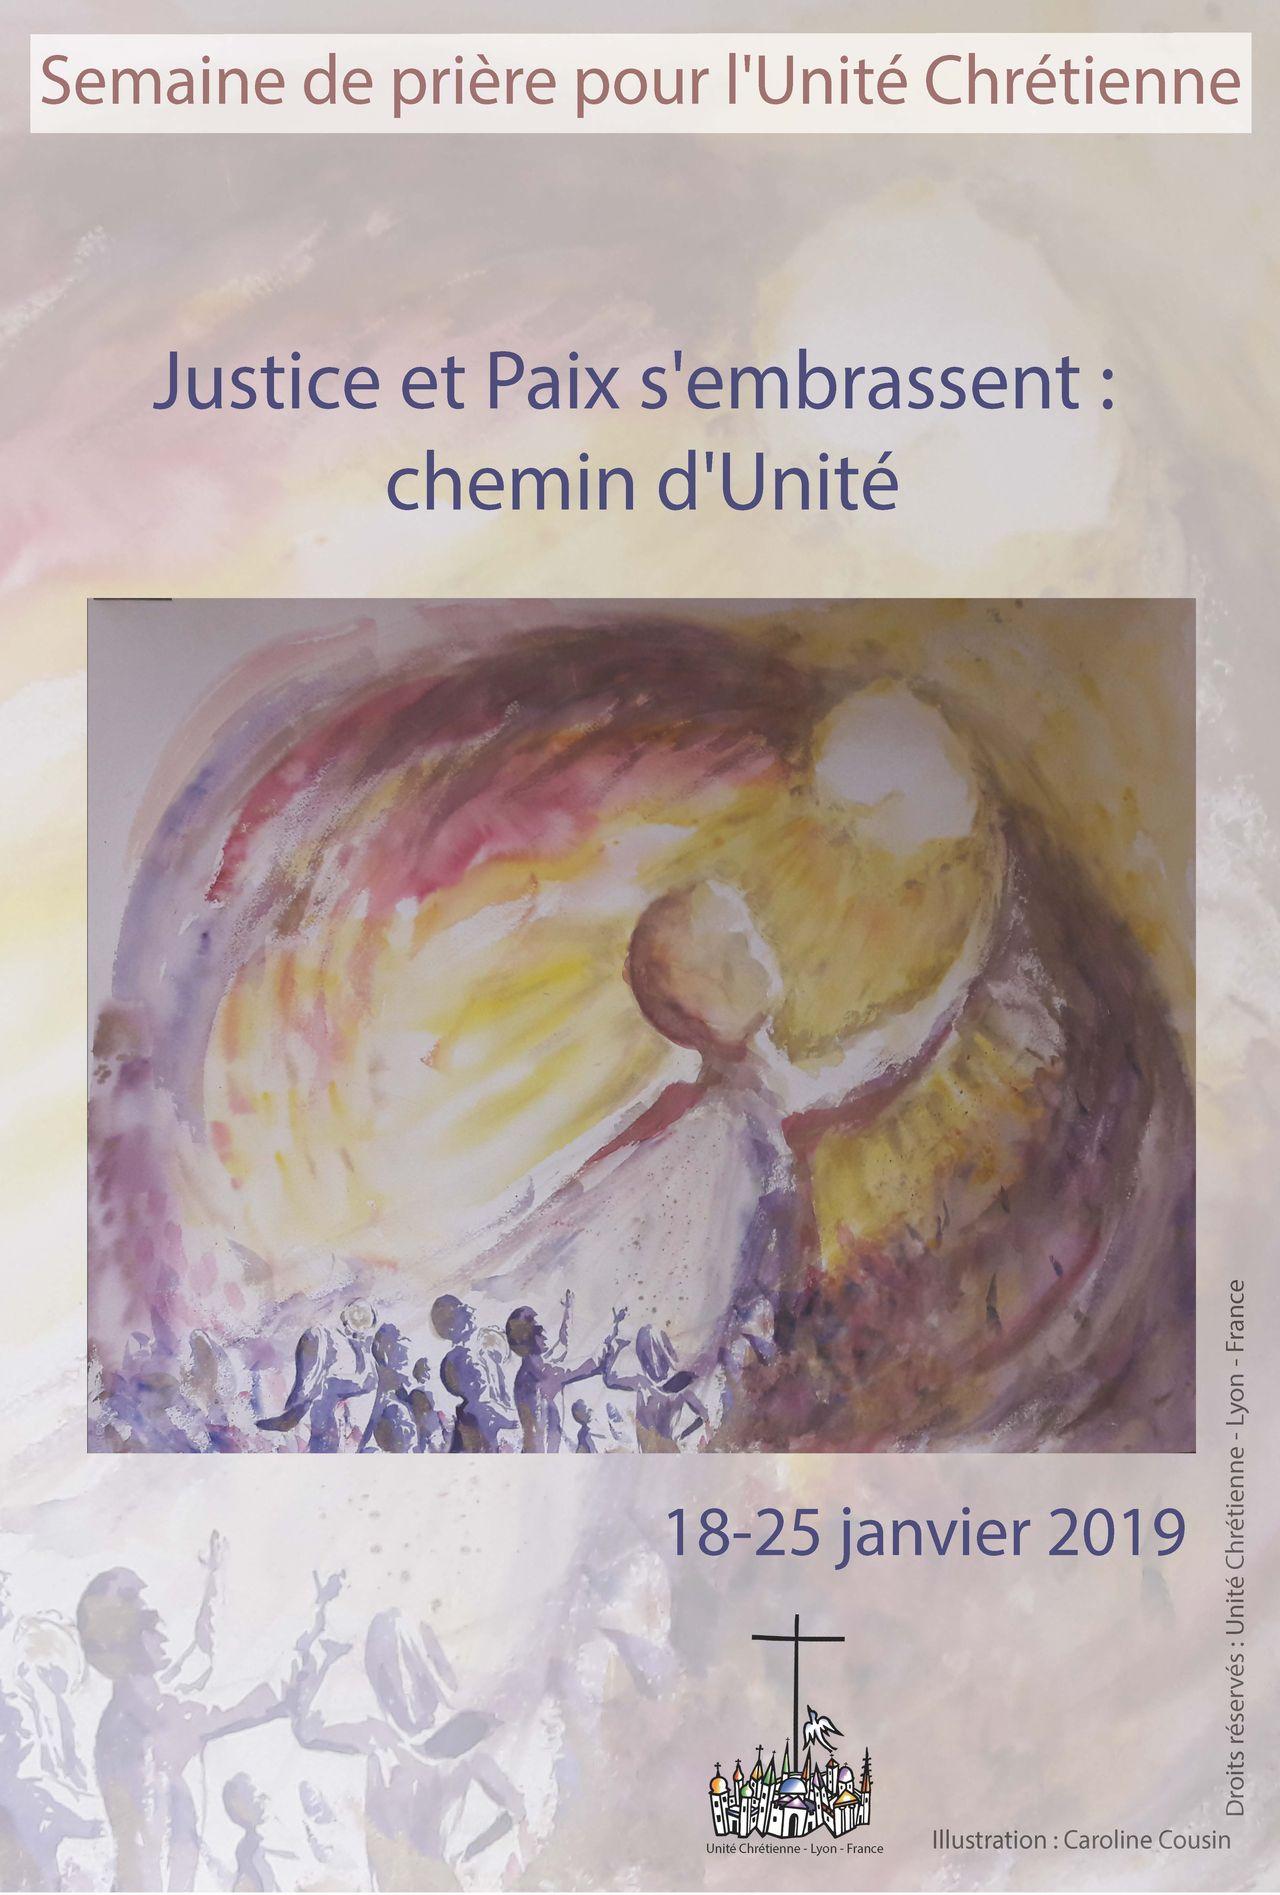 https://www.alsace.catholique.fr/wp-content/uploads/sites/14/2019/01/semaine-priere-unite-chretiens-2019.jpg